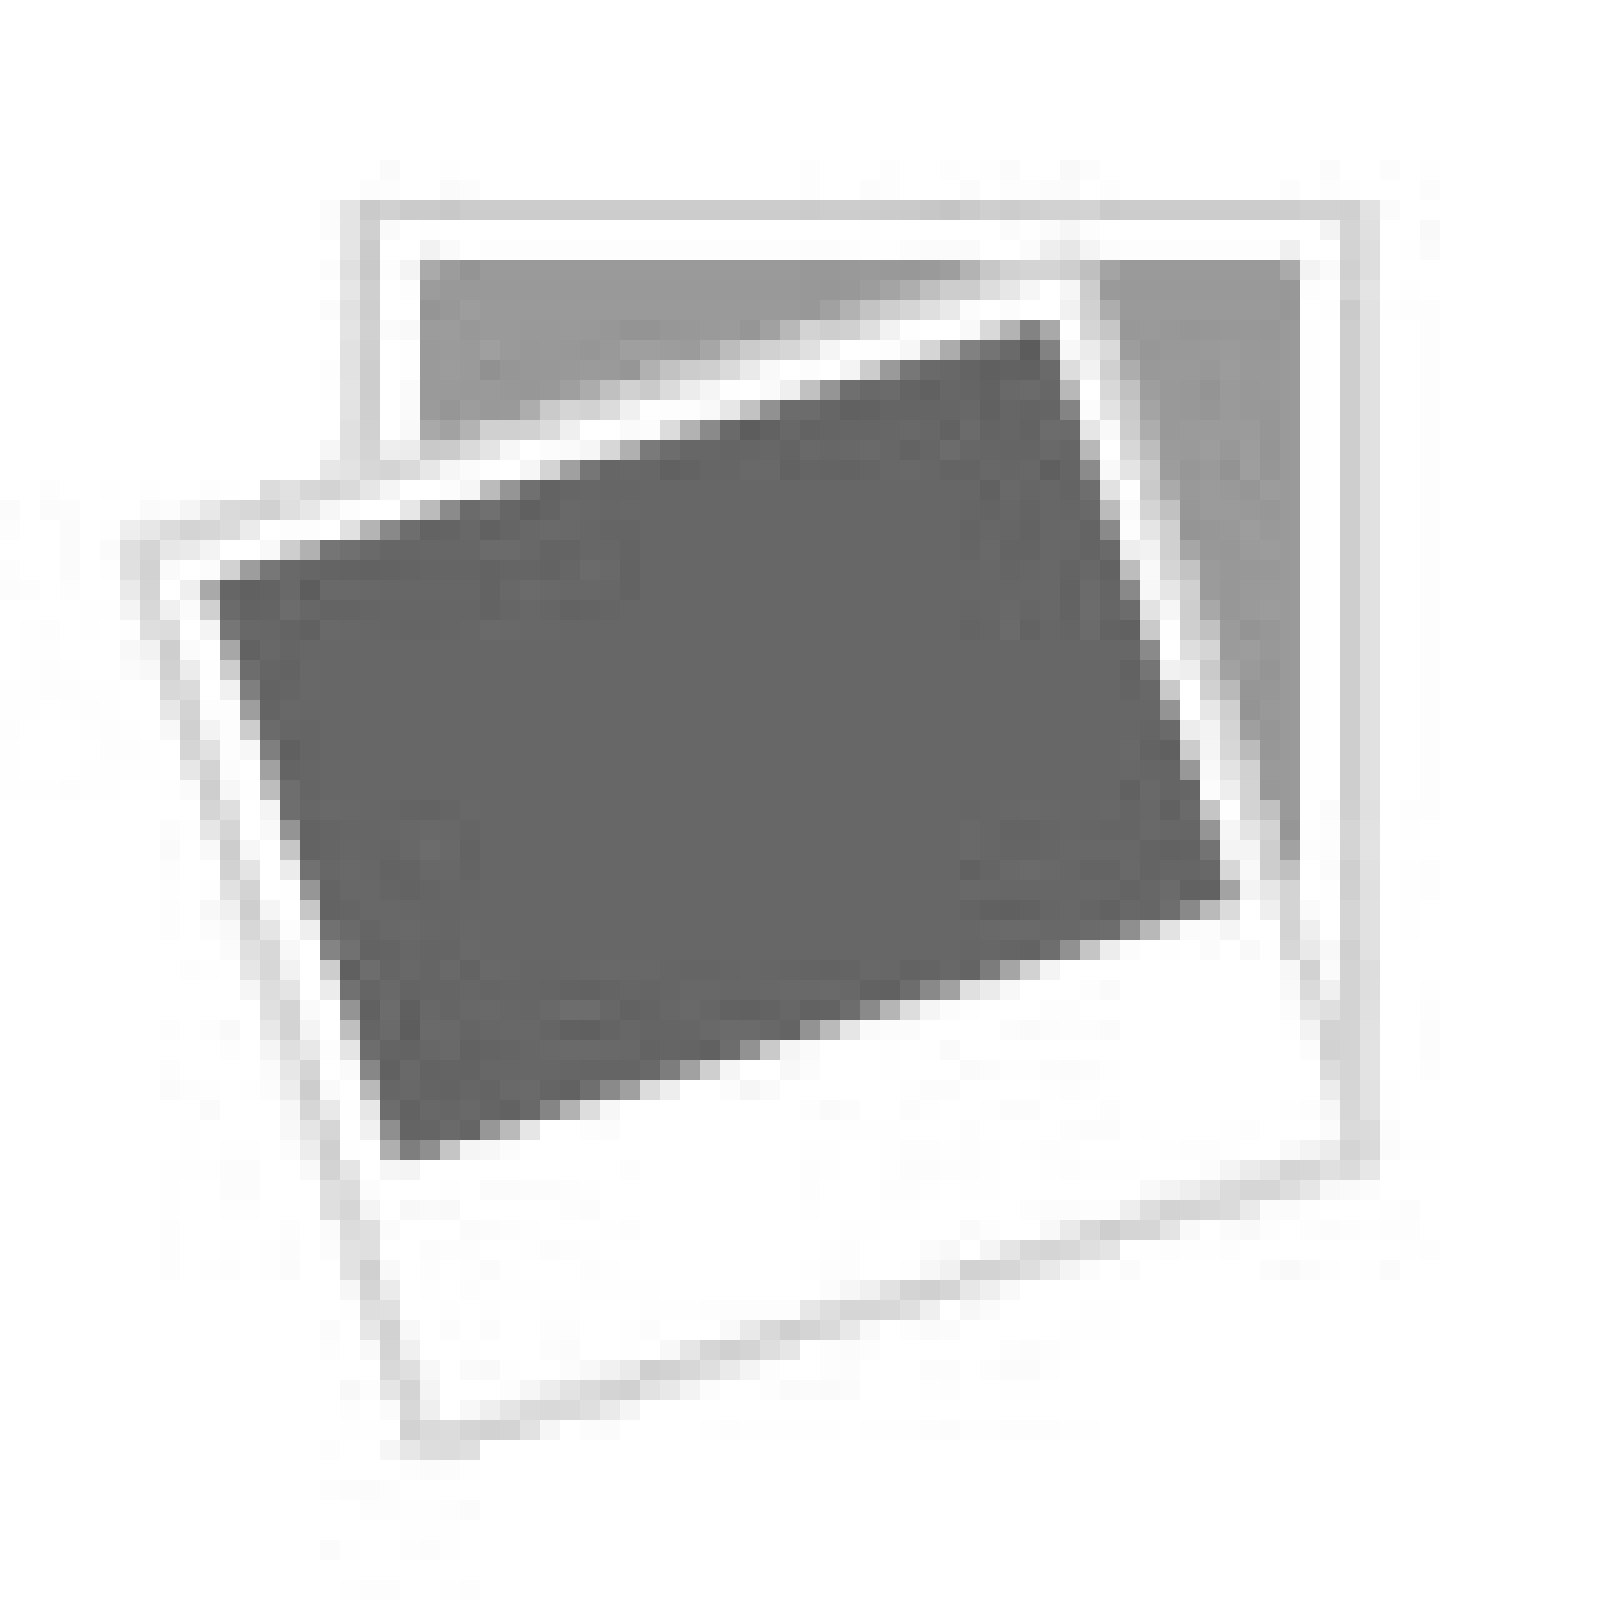 Niedlich Framing Nagelpistole Lowes Bilder - Benutzerdefinierte ...